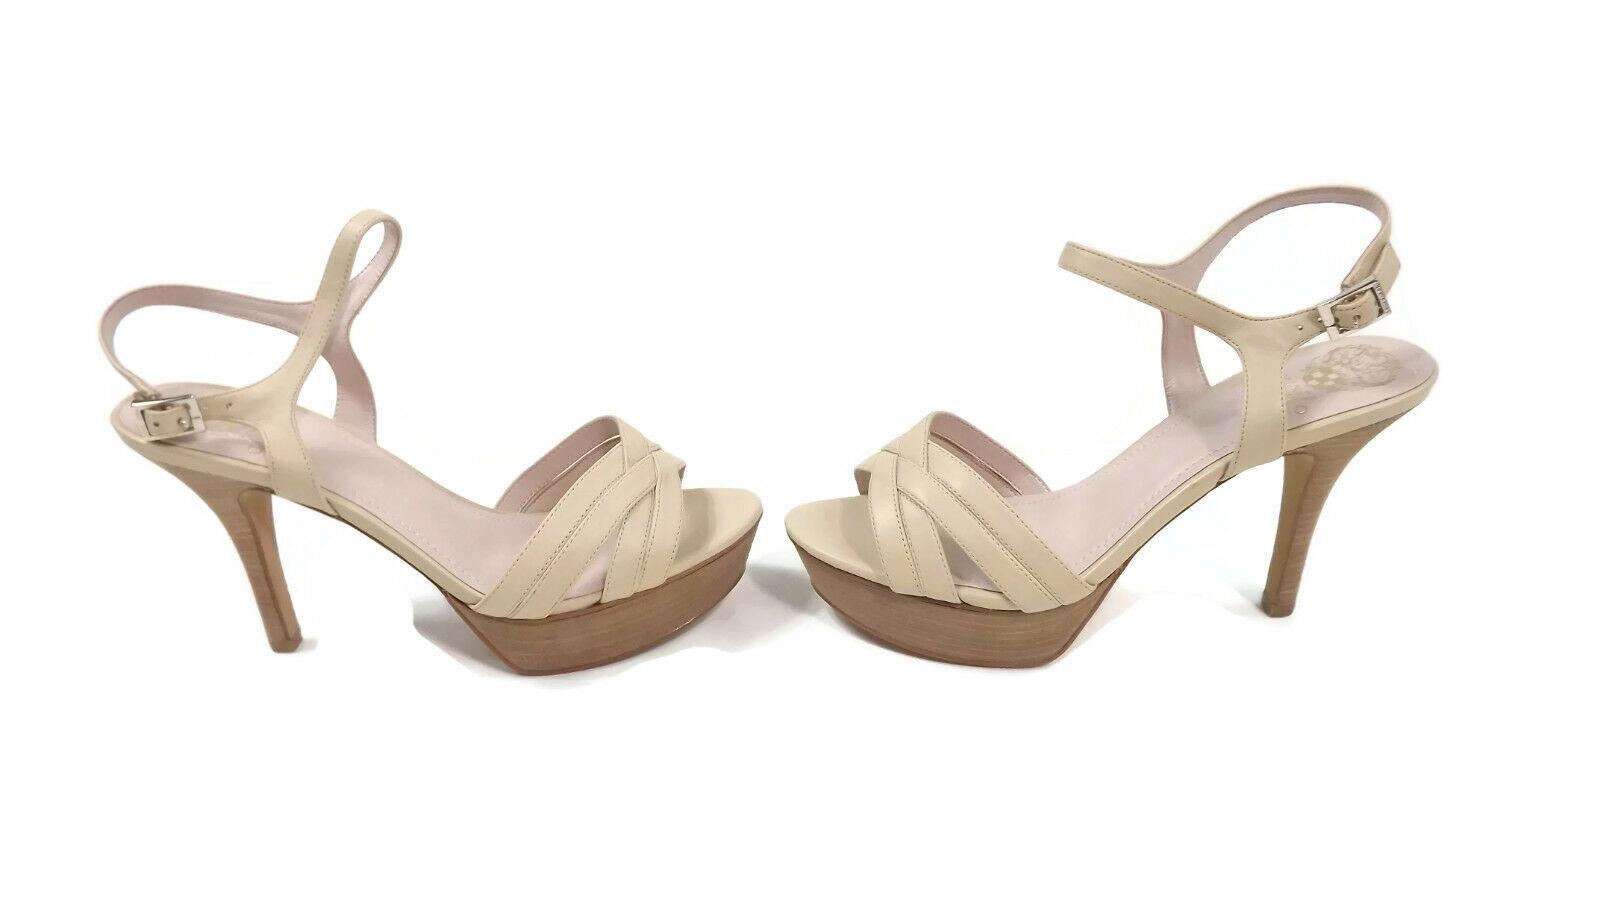 Vince Camuto VC-Paden Platform  Strappy Sandals Shoes Size 10 W Petal /Neutral - $84.55